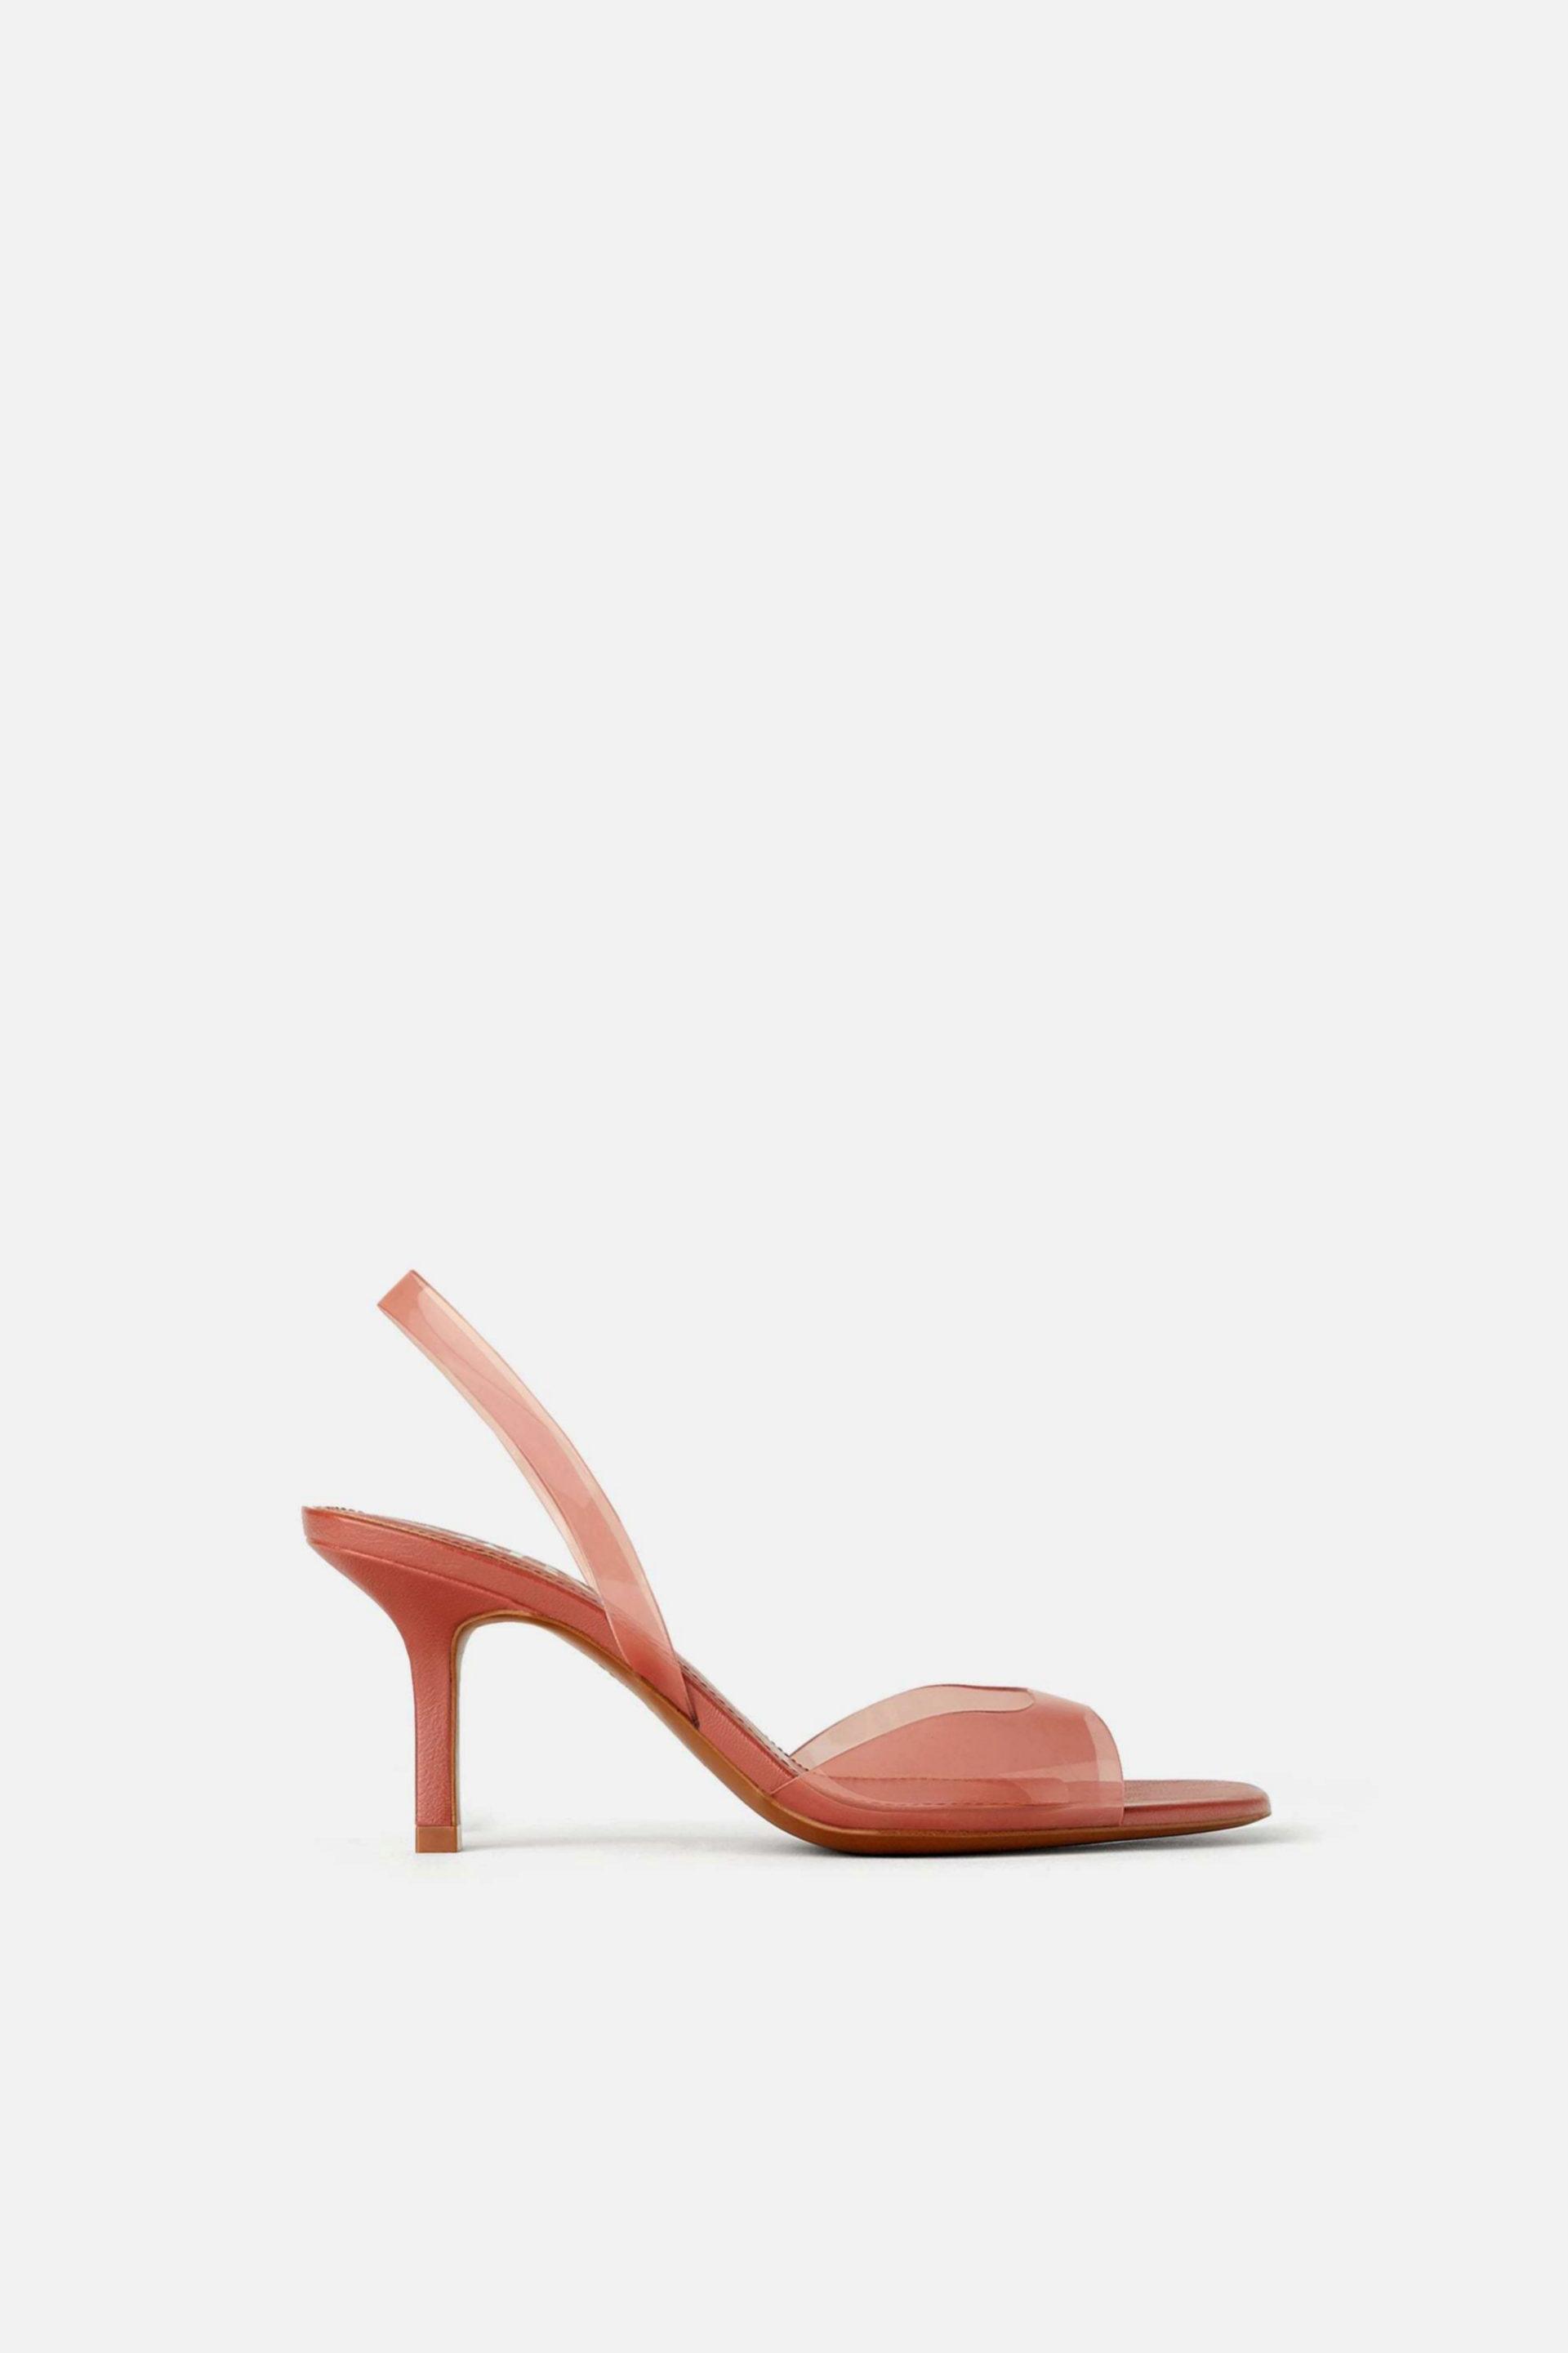 Sandalias de vinilo en color coral de Zara (29,95¤)